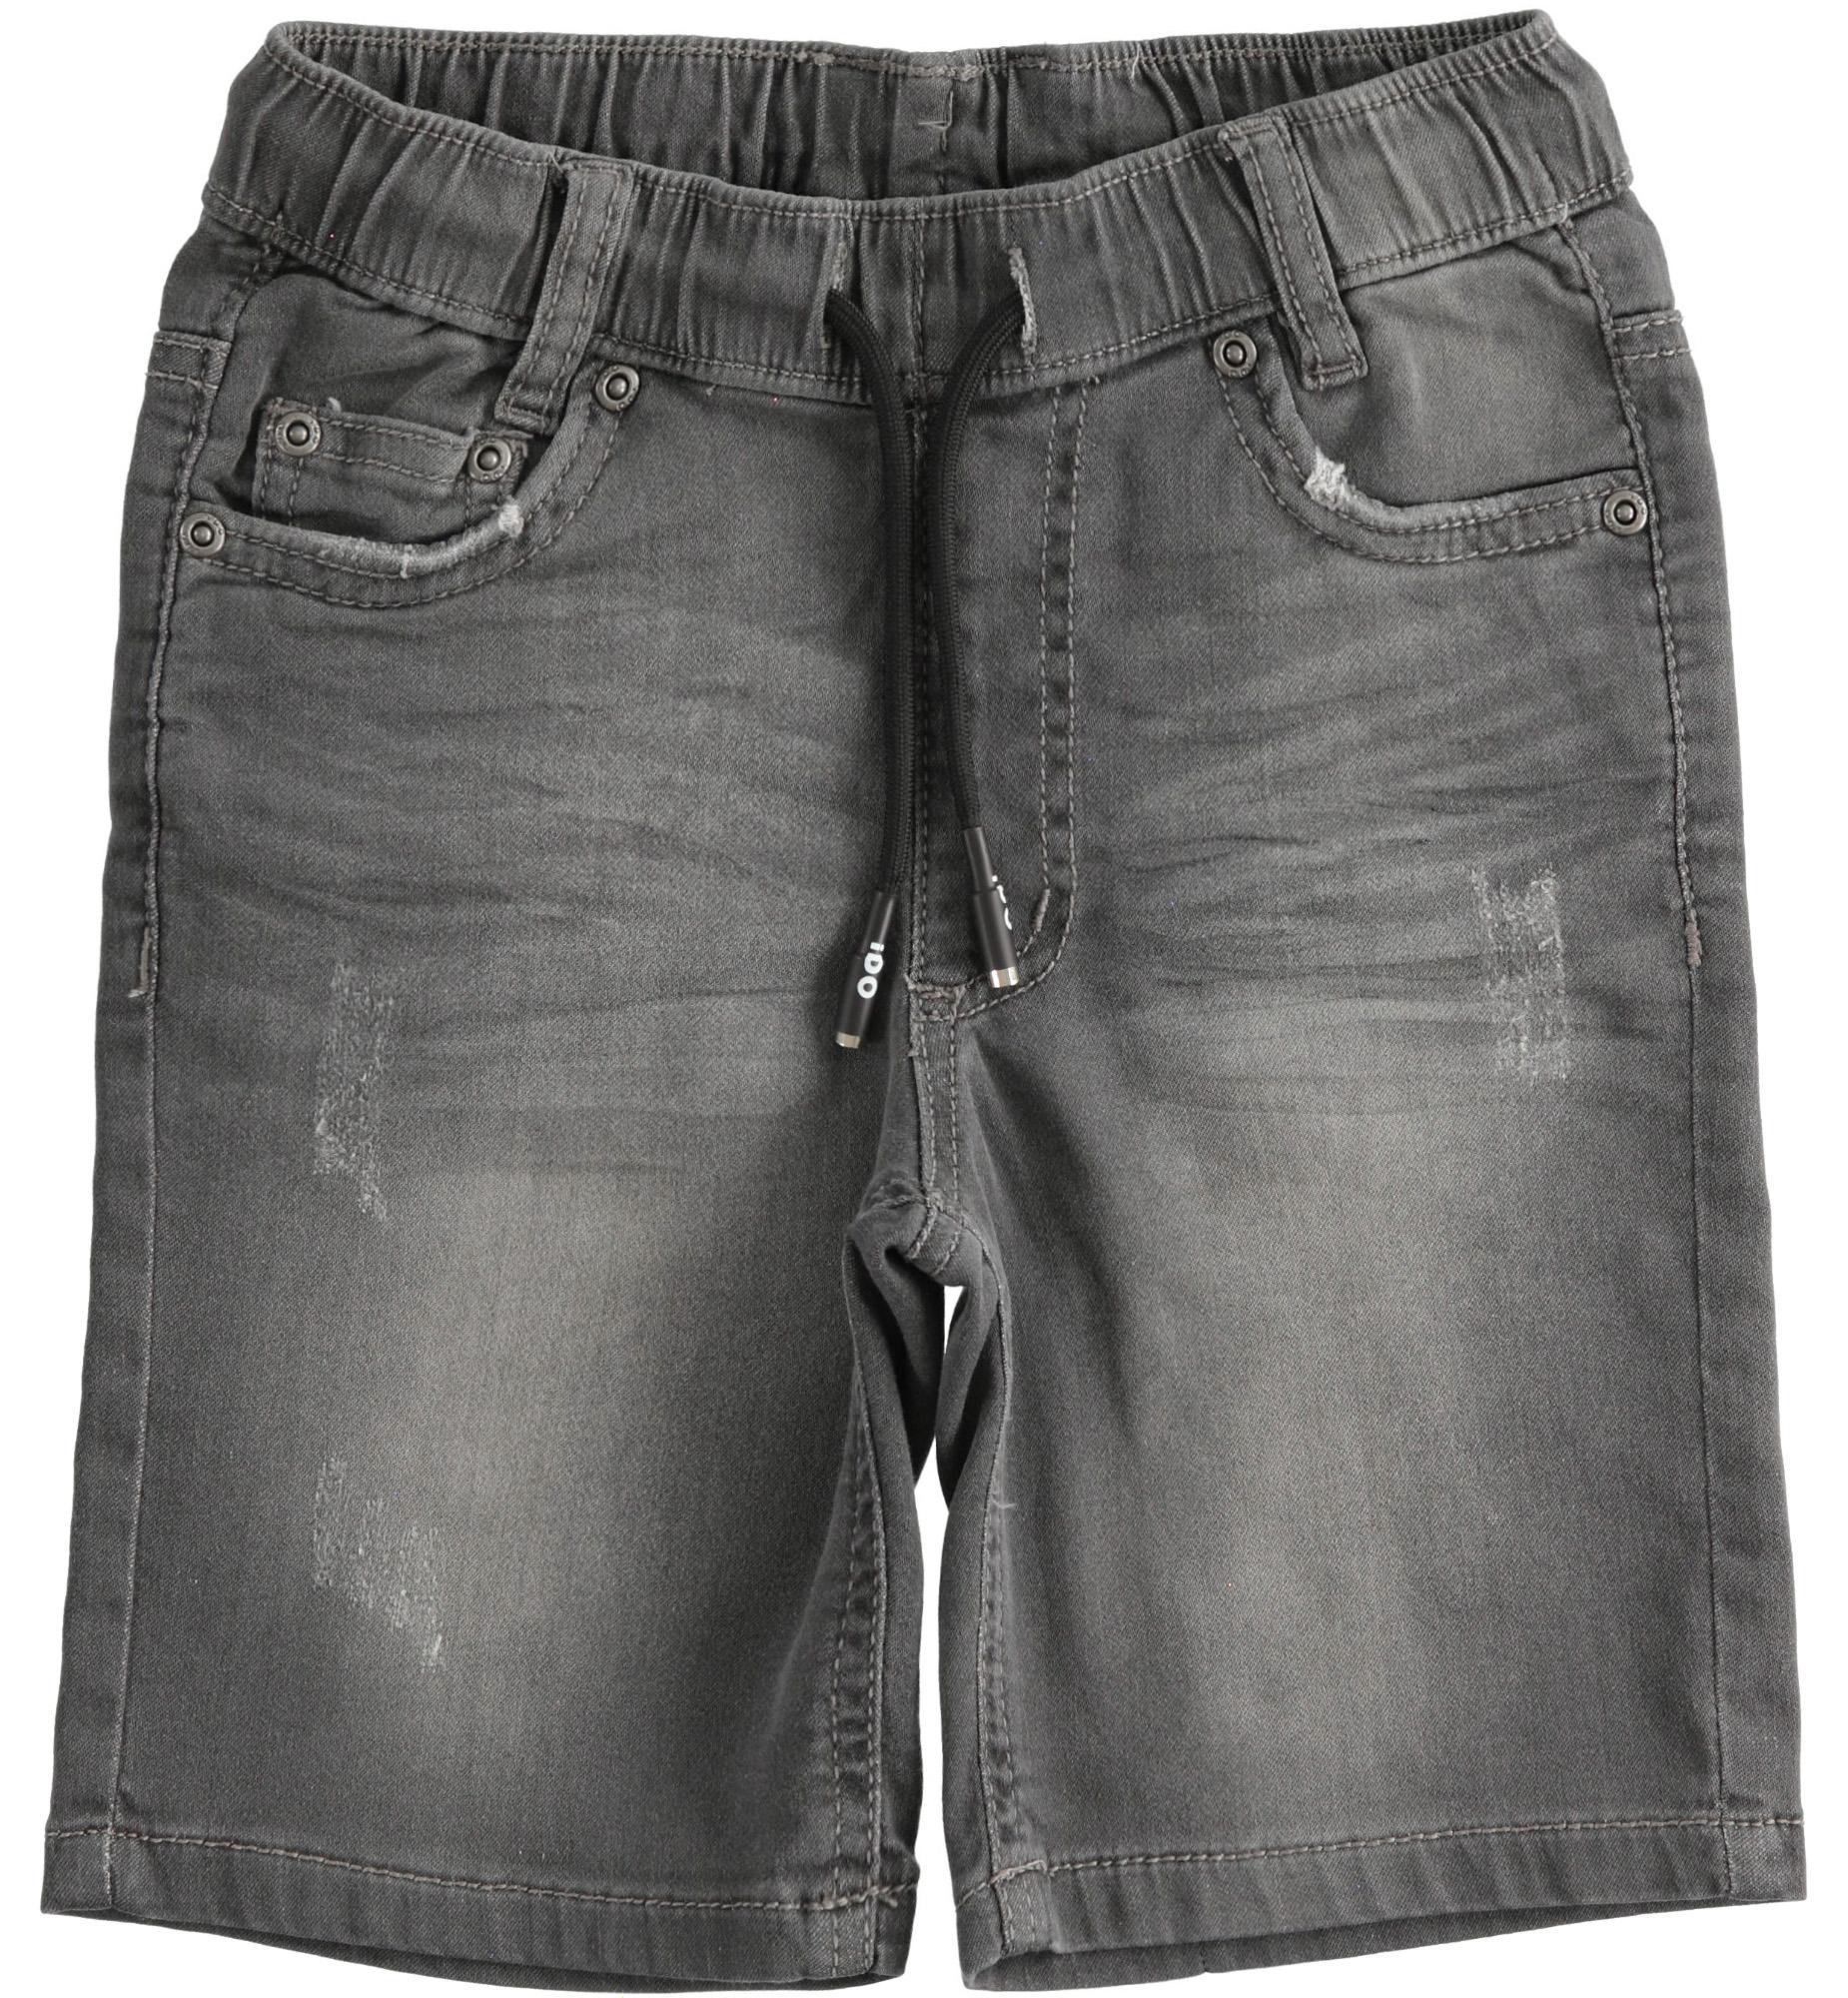 Szürke gumis derekú farmer hatású pamut nadrág fiúknak